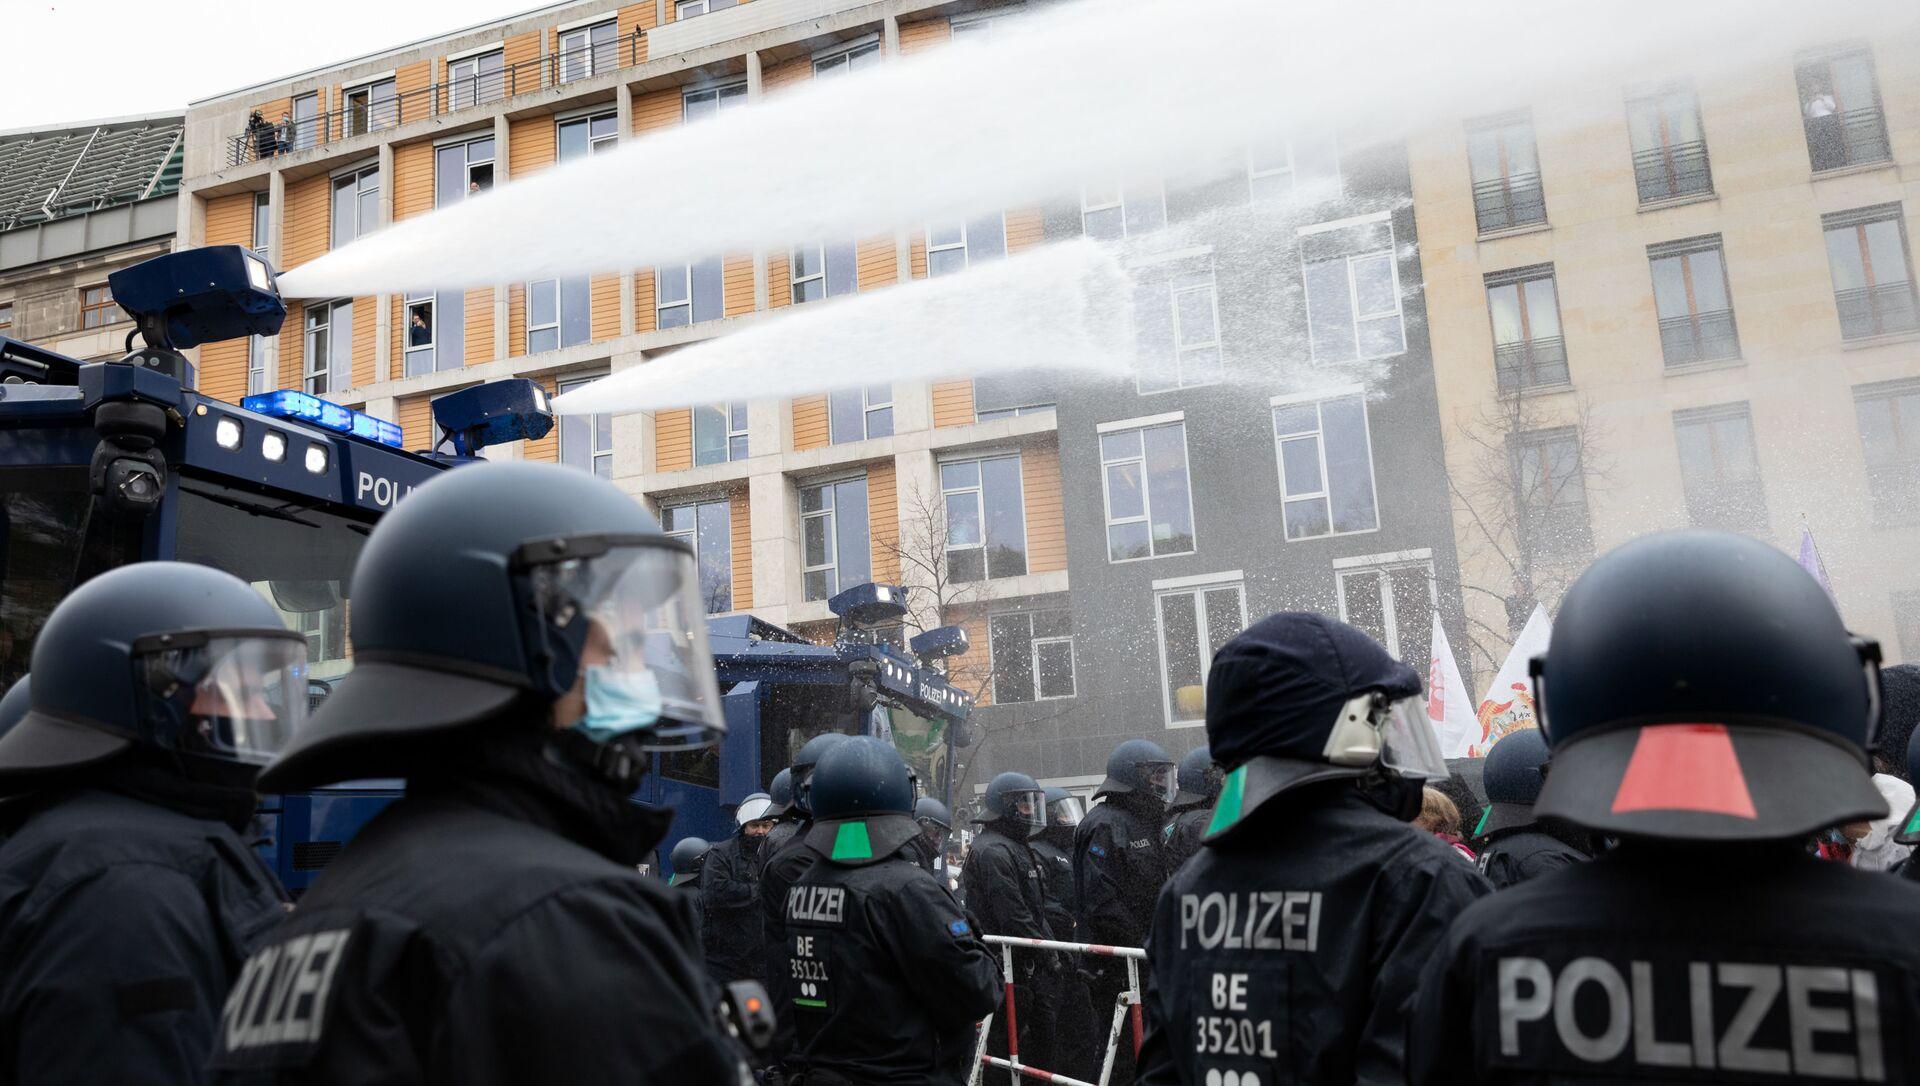 Proteste contro le misure restrittive di Coronavirus a Berlino - Sputnik Italia, 1920, 13.03.2021